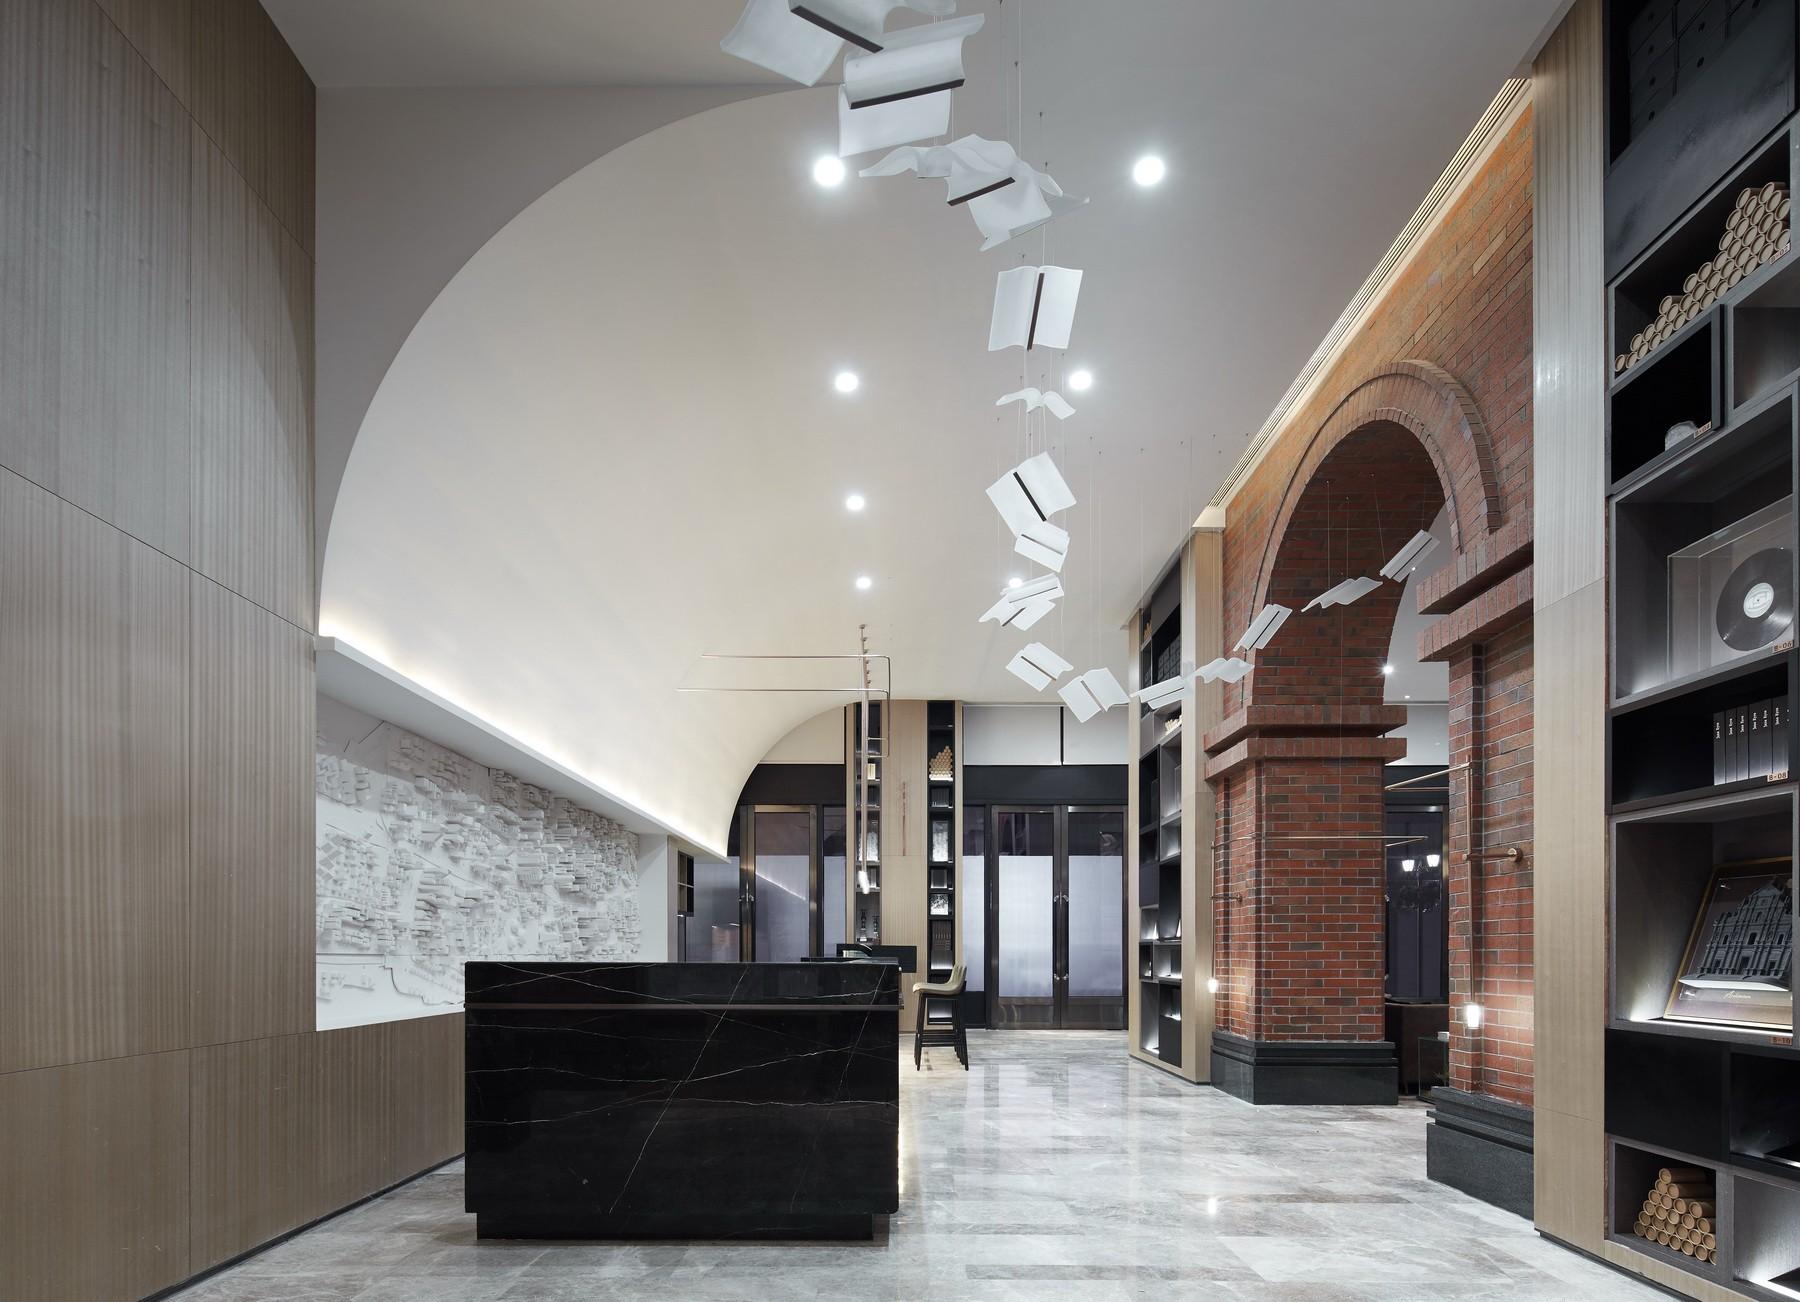 广东佛山万科金色里程销售中心 | 共生形态设计